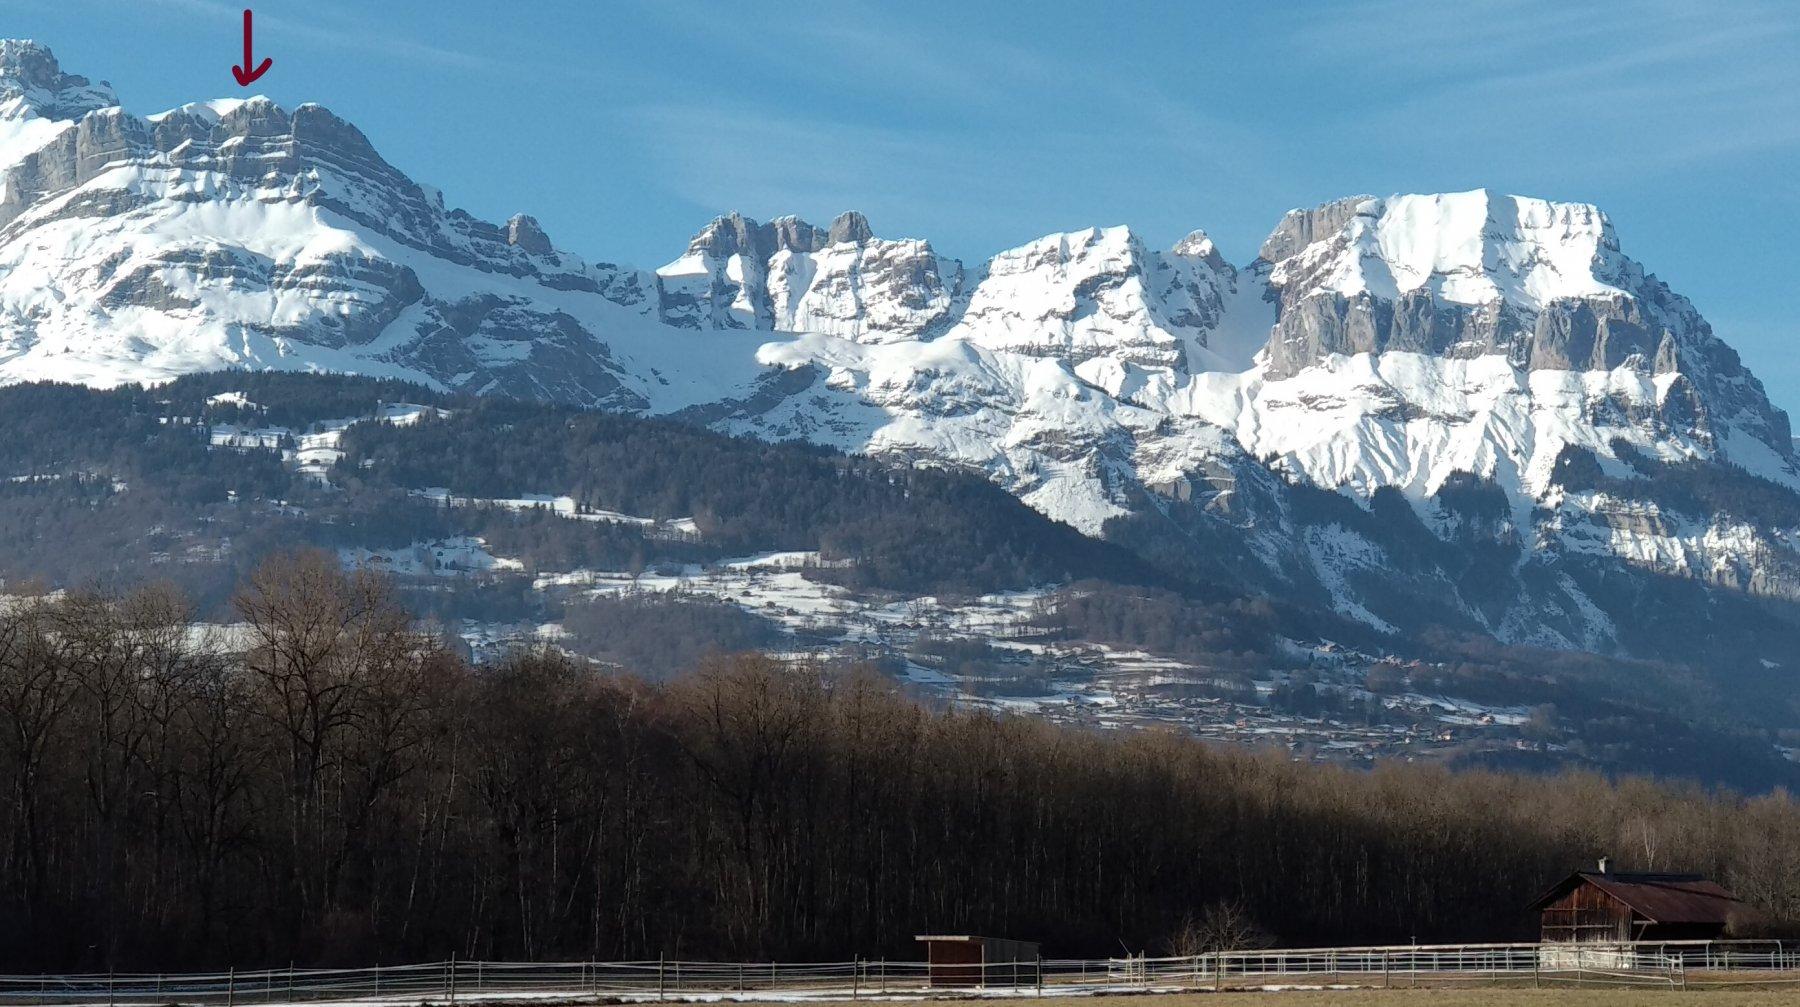 la cima vista scendendo da Chamonix